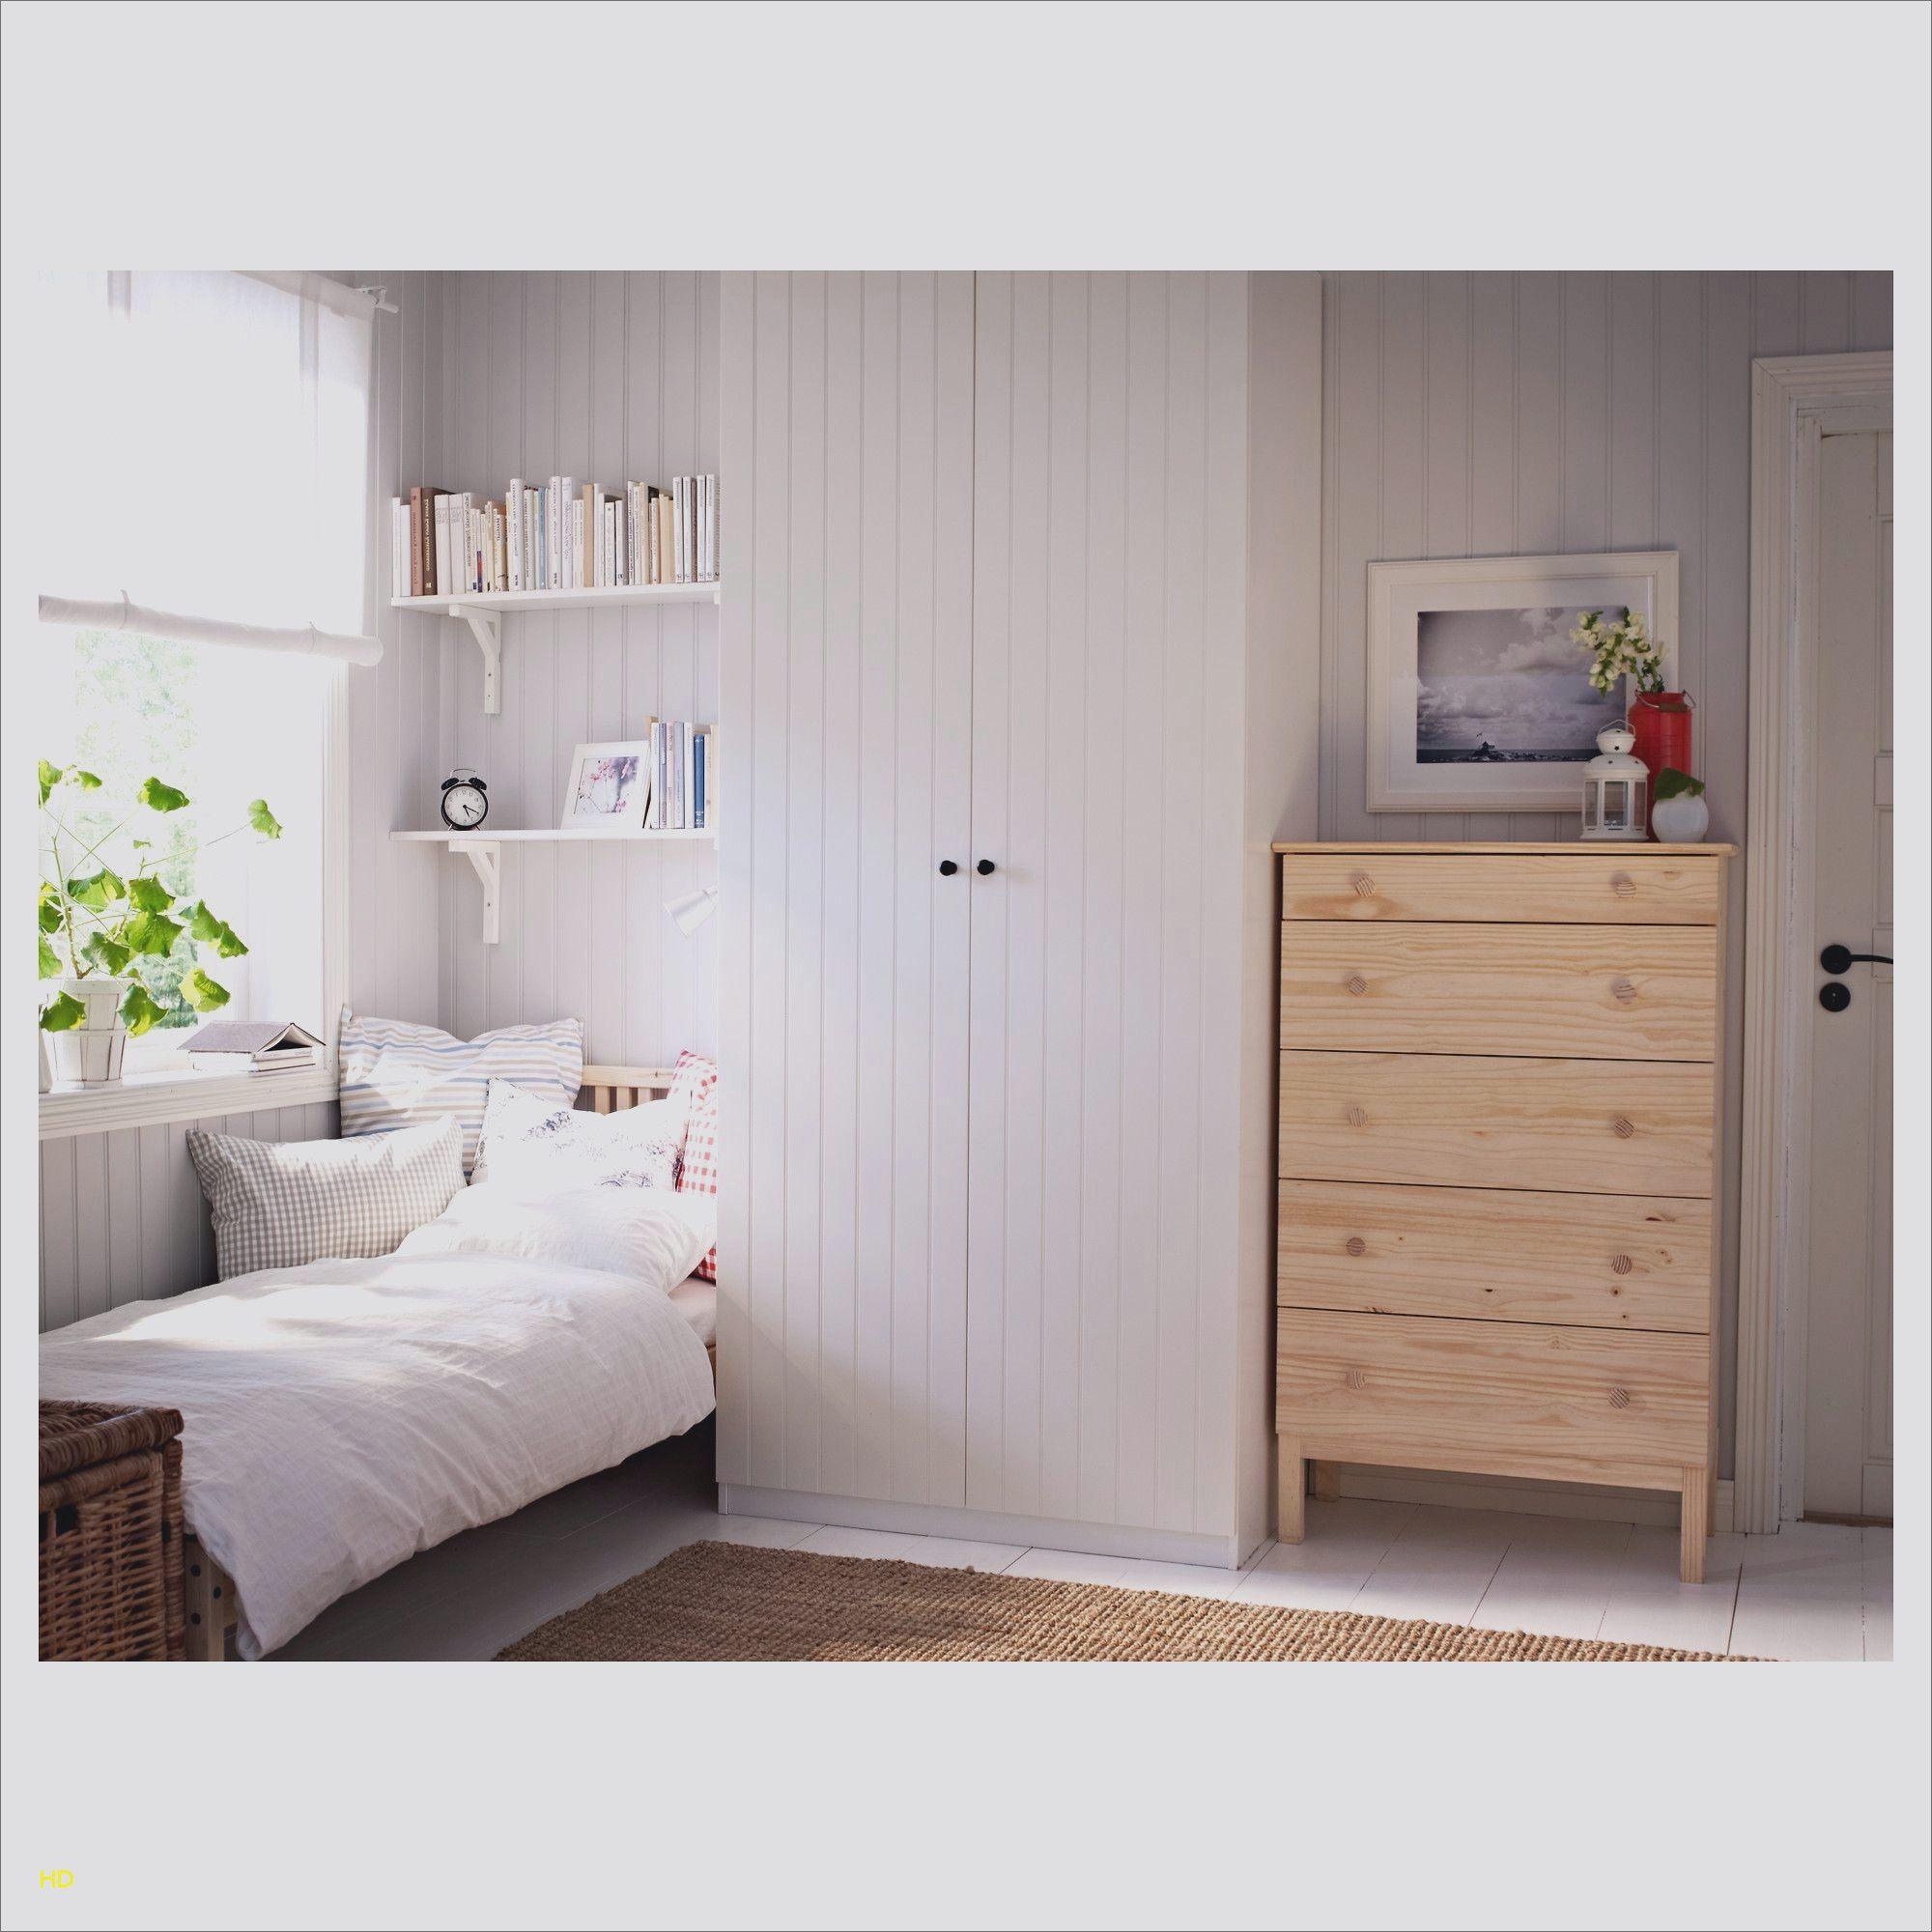 Lit De 160×200 Nouveau Décoratif Armoire Lit 160×200 Ou Armoire Lit Ikea Avec Lit Gain De